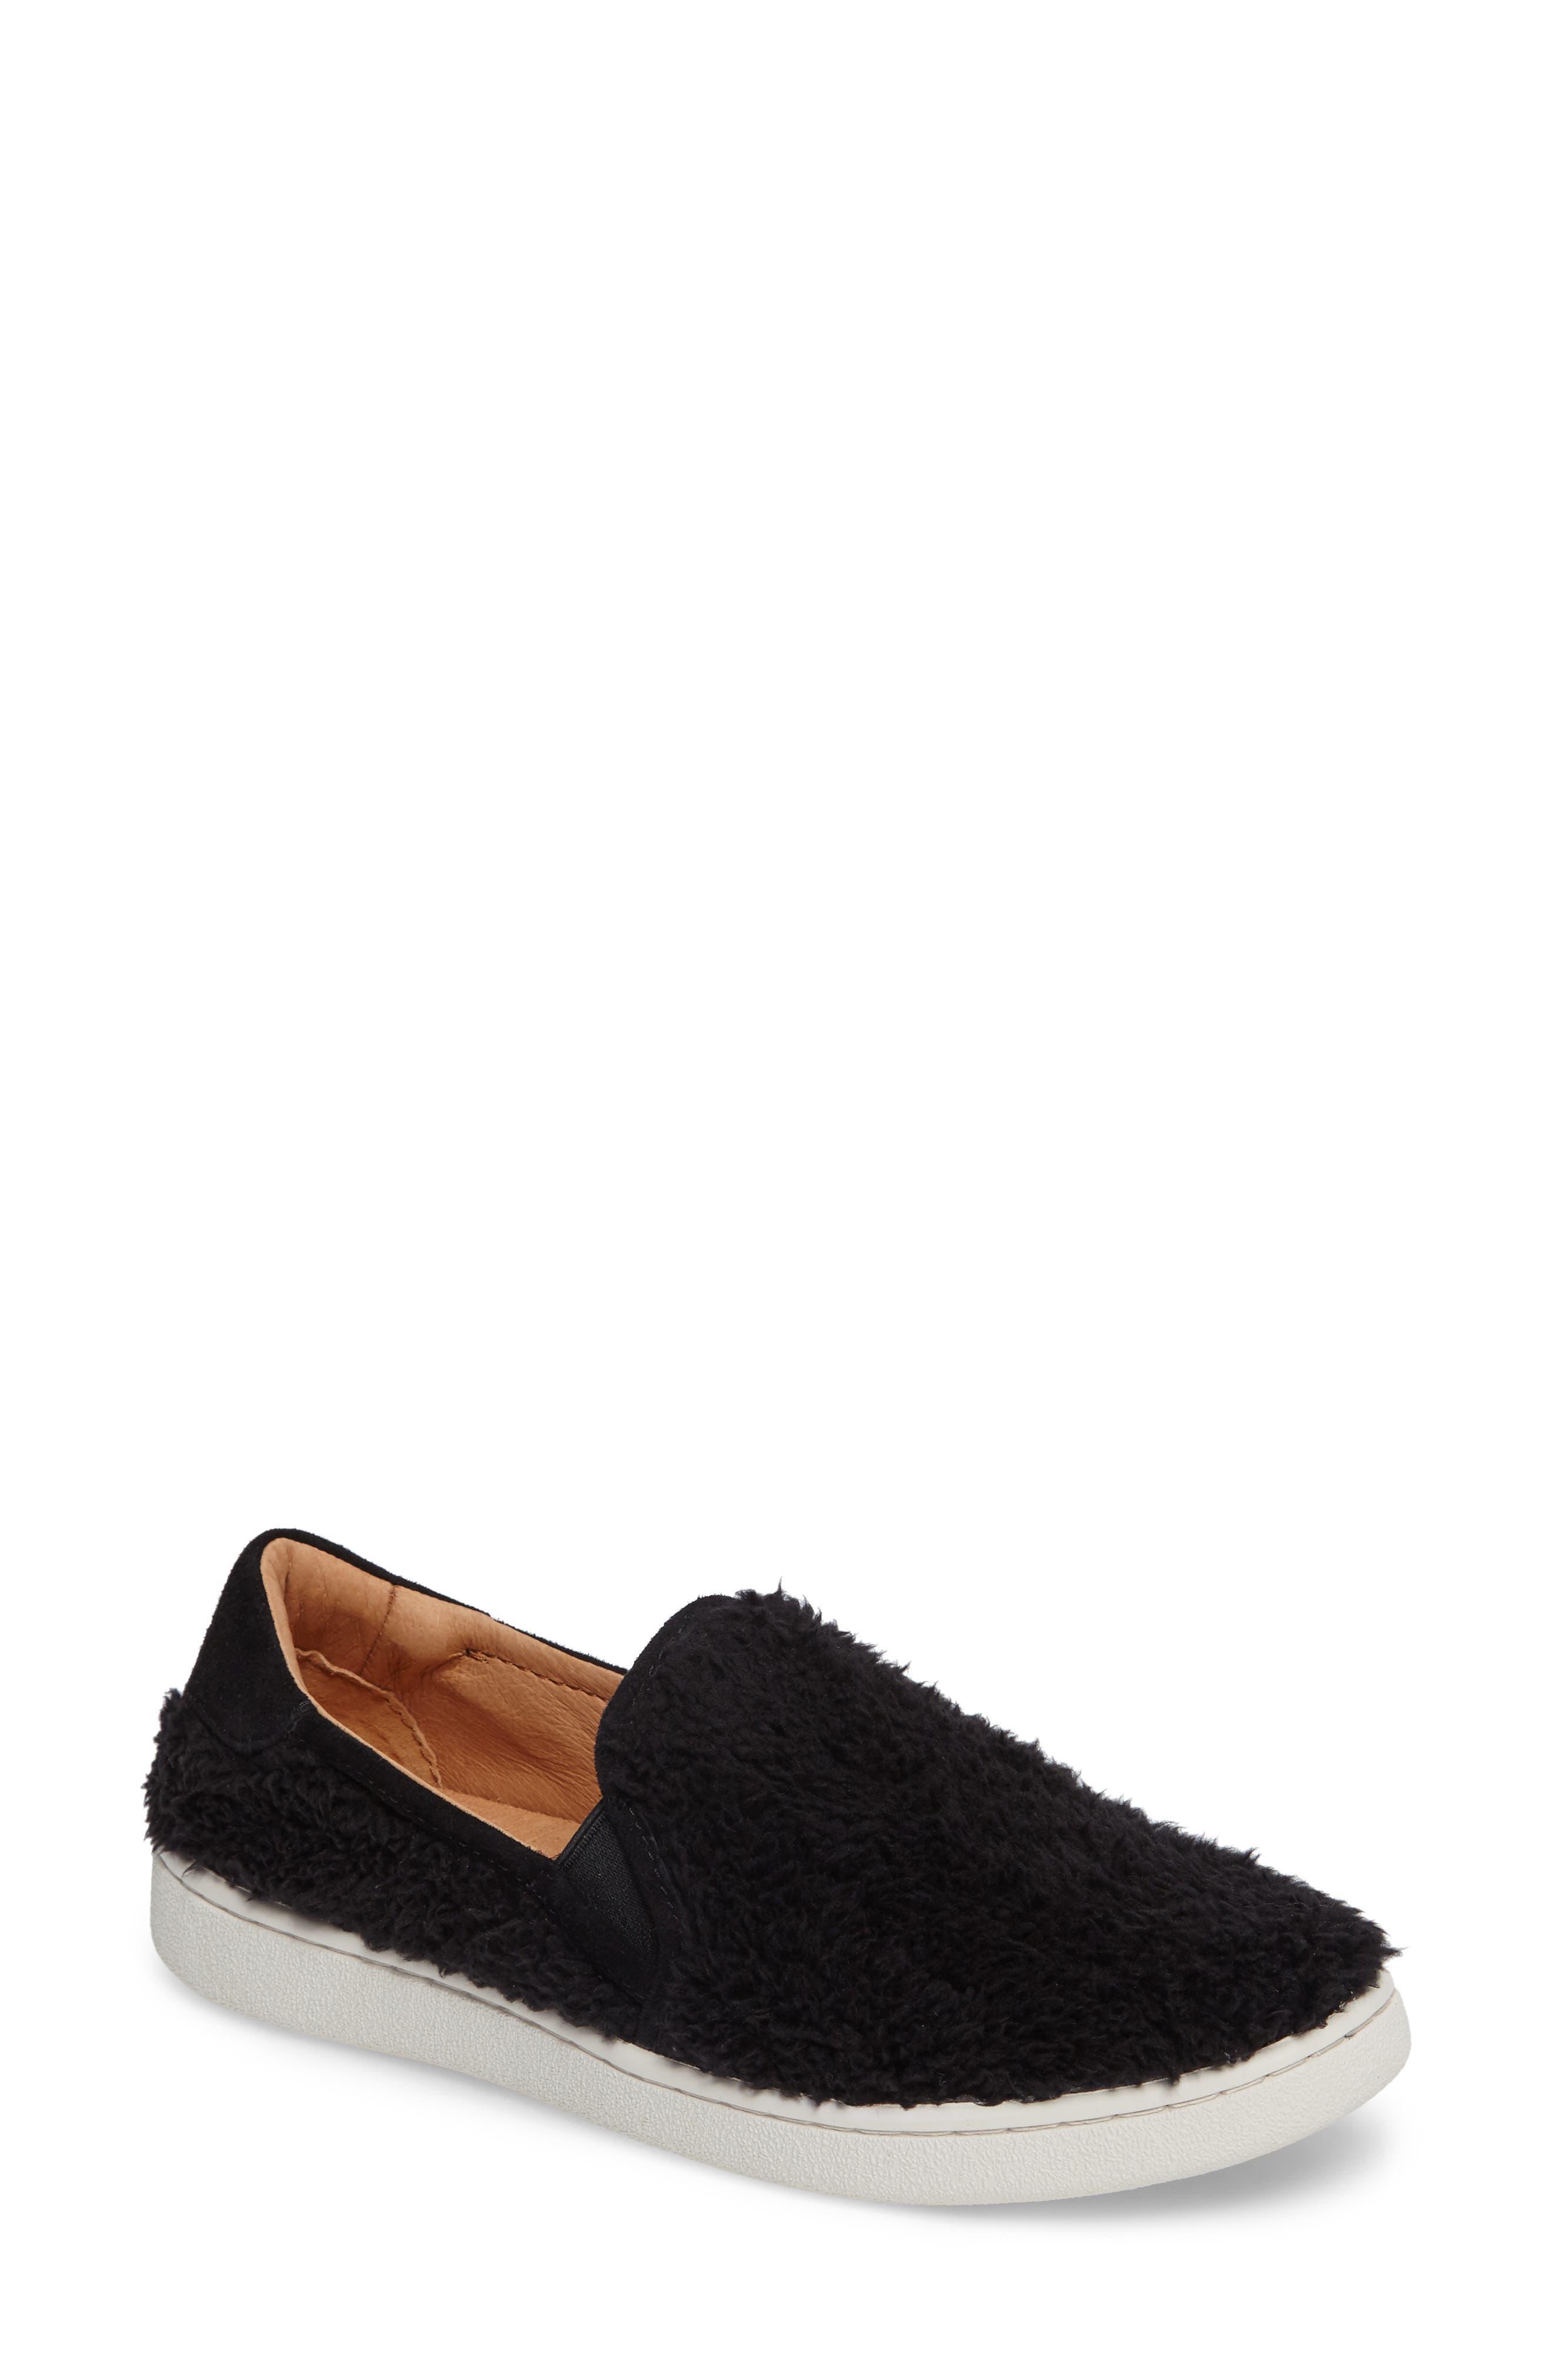 Ricci Plush Slip-On Sneaker,                             Main thumbnail 1, color,                             001